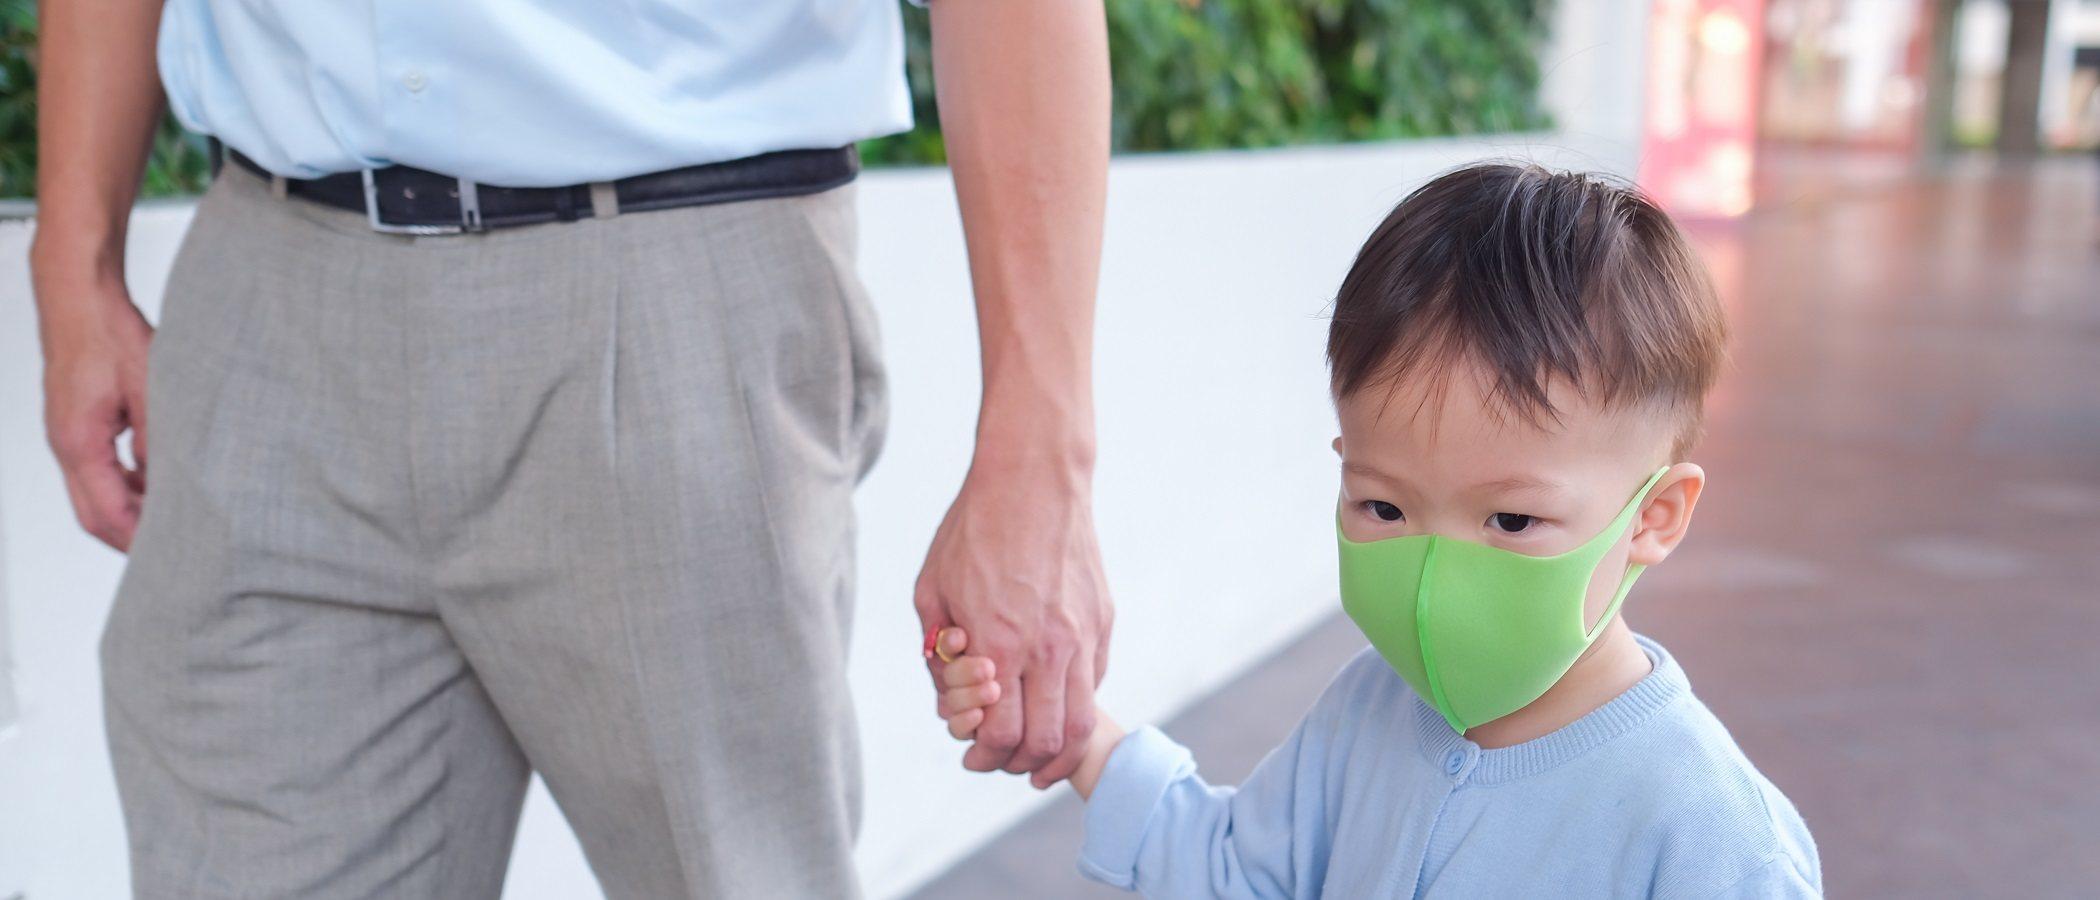 Cómo diferenciar los síntomas del Coronavirus de los del catarro o la alergia en un niño